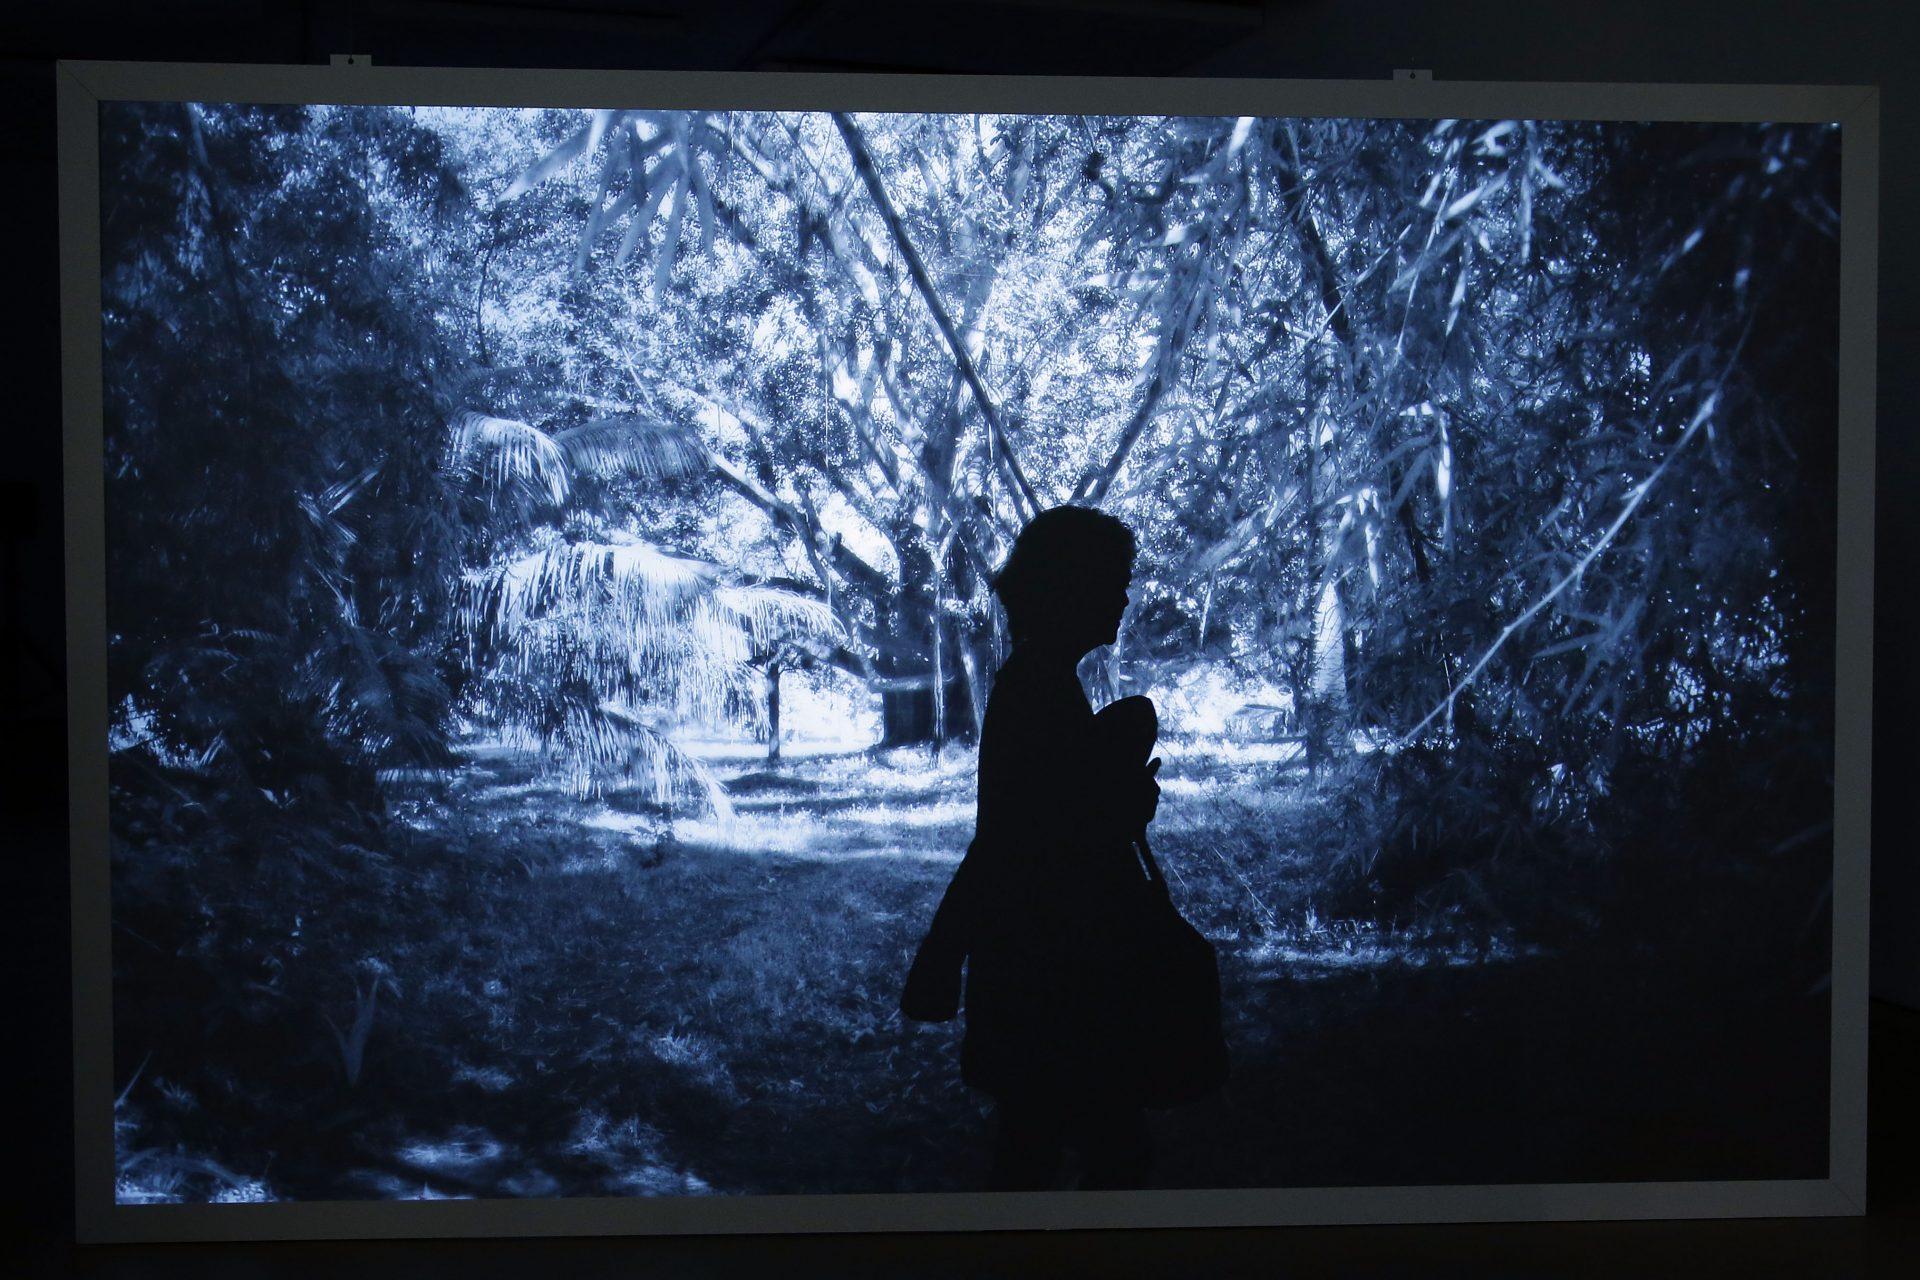 """Uma visitante observa uma obra de arte durante uma visita guiada à imprensa da exposição individual """"Ana Torfs: Echolalia"""", 10 de março de 2016 no Centro de Arte Moderna - Fundação Calouste Gulbenkian em Lisboa. TIAGO PETINGA/LUSA"""